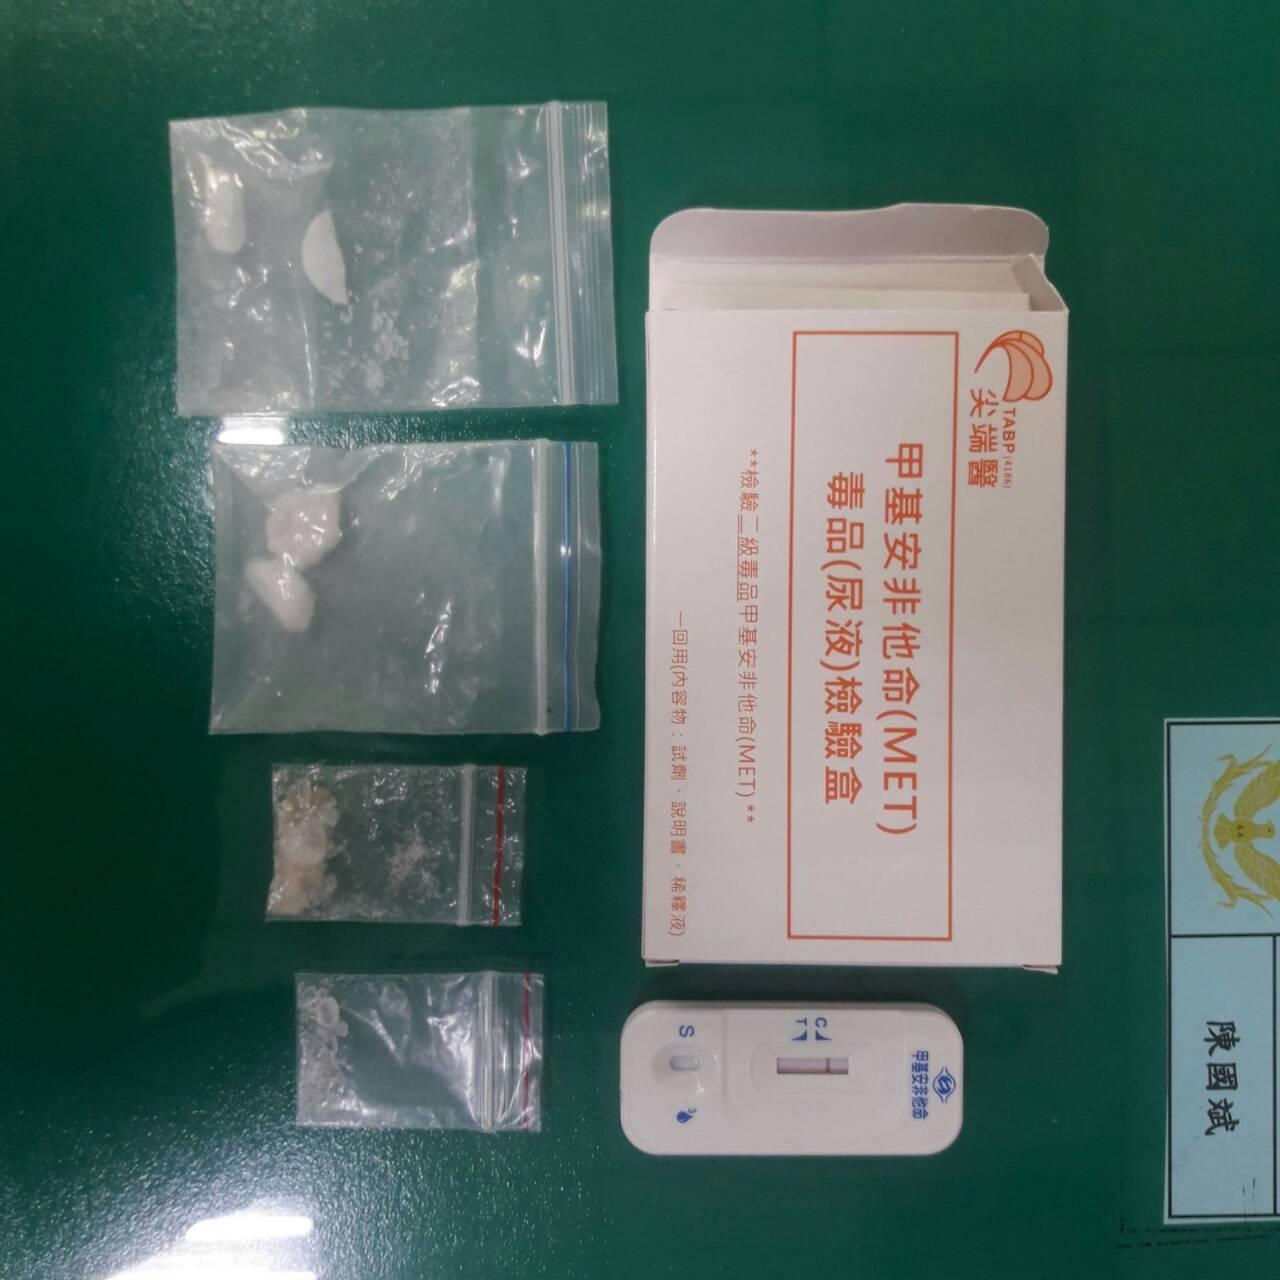 警方從其棉花棒盒中取出4包安非他命與吸食器,紀坦承吸毒,警詢後將紀嫌依毒品罪嫌移...